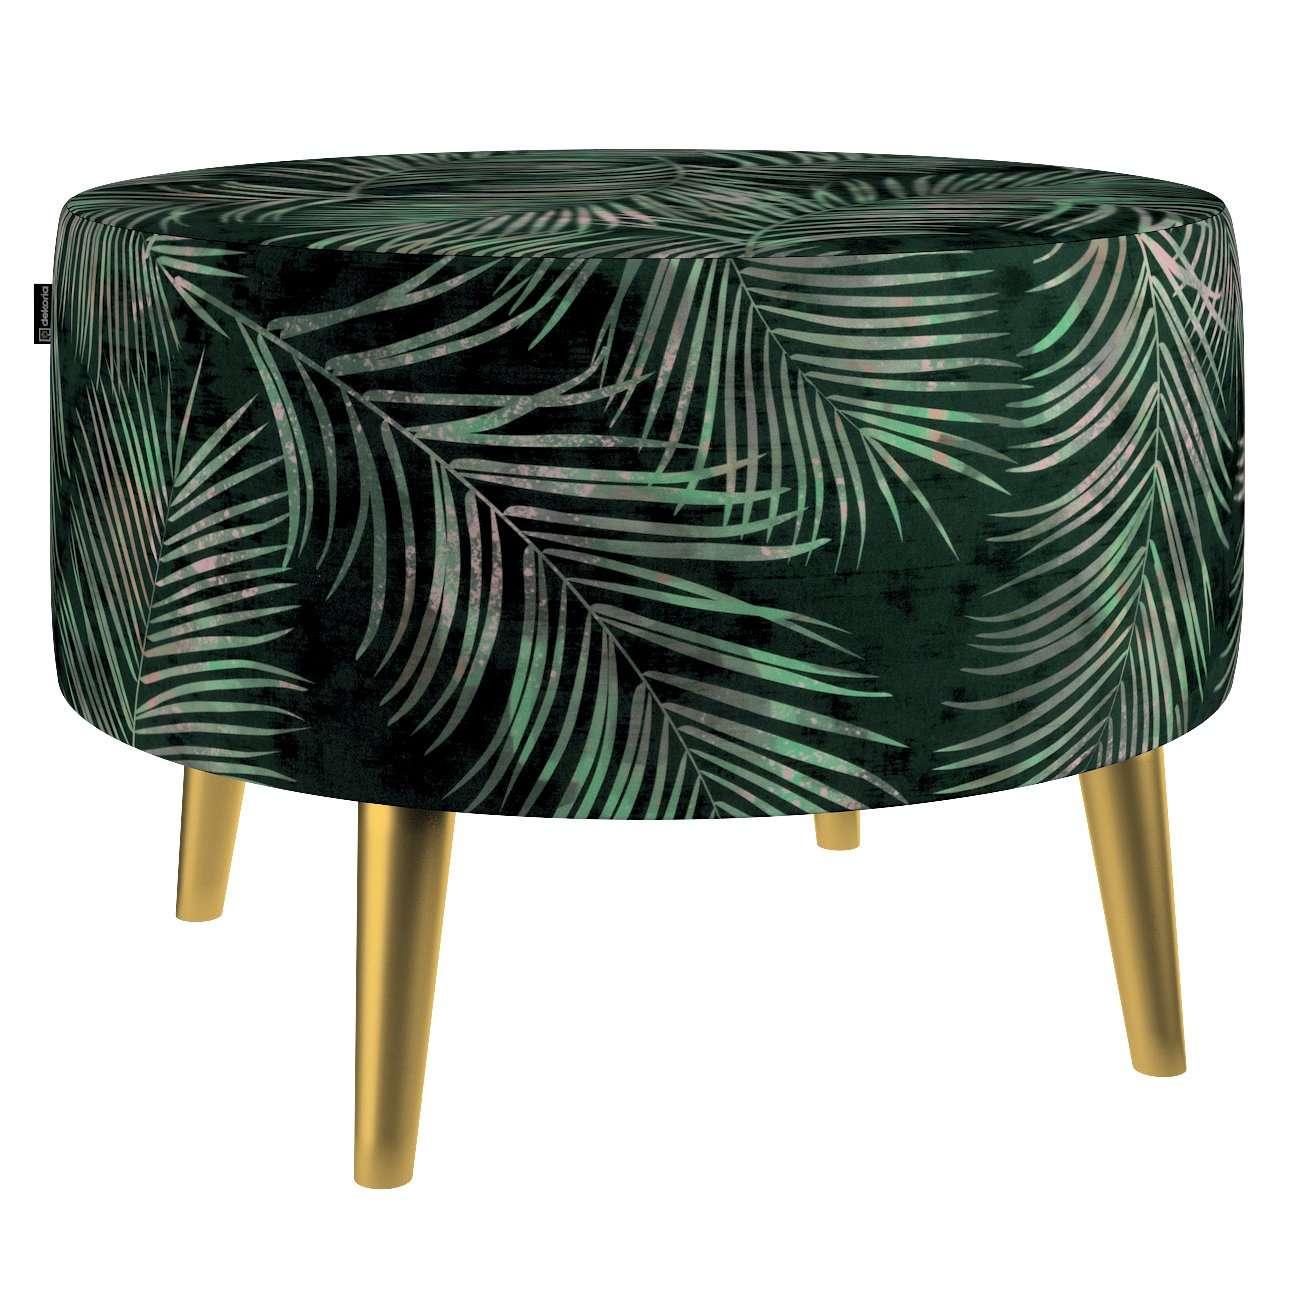 Podnóżek okrągły Velvet w kolekcji Velvet, tkanina: 704-21